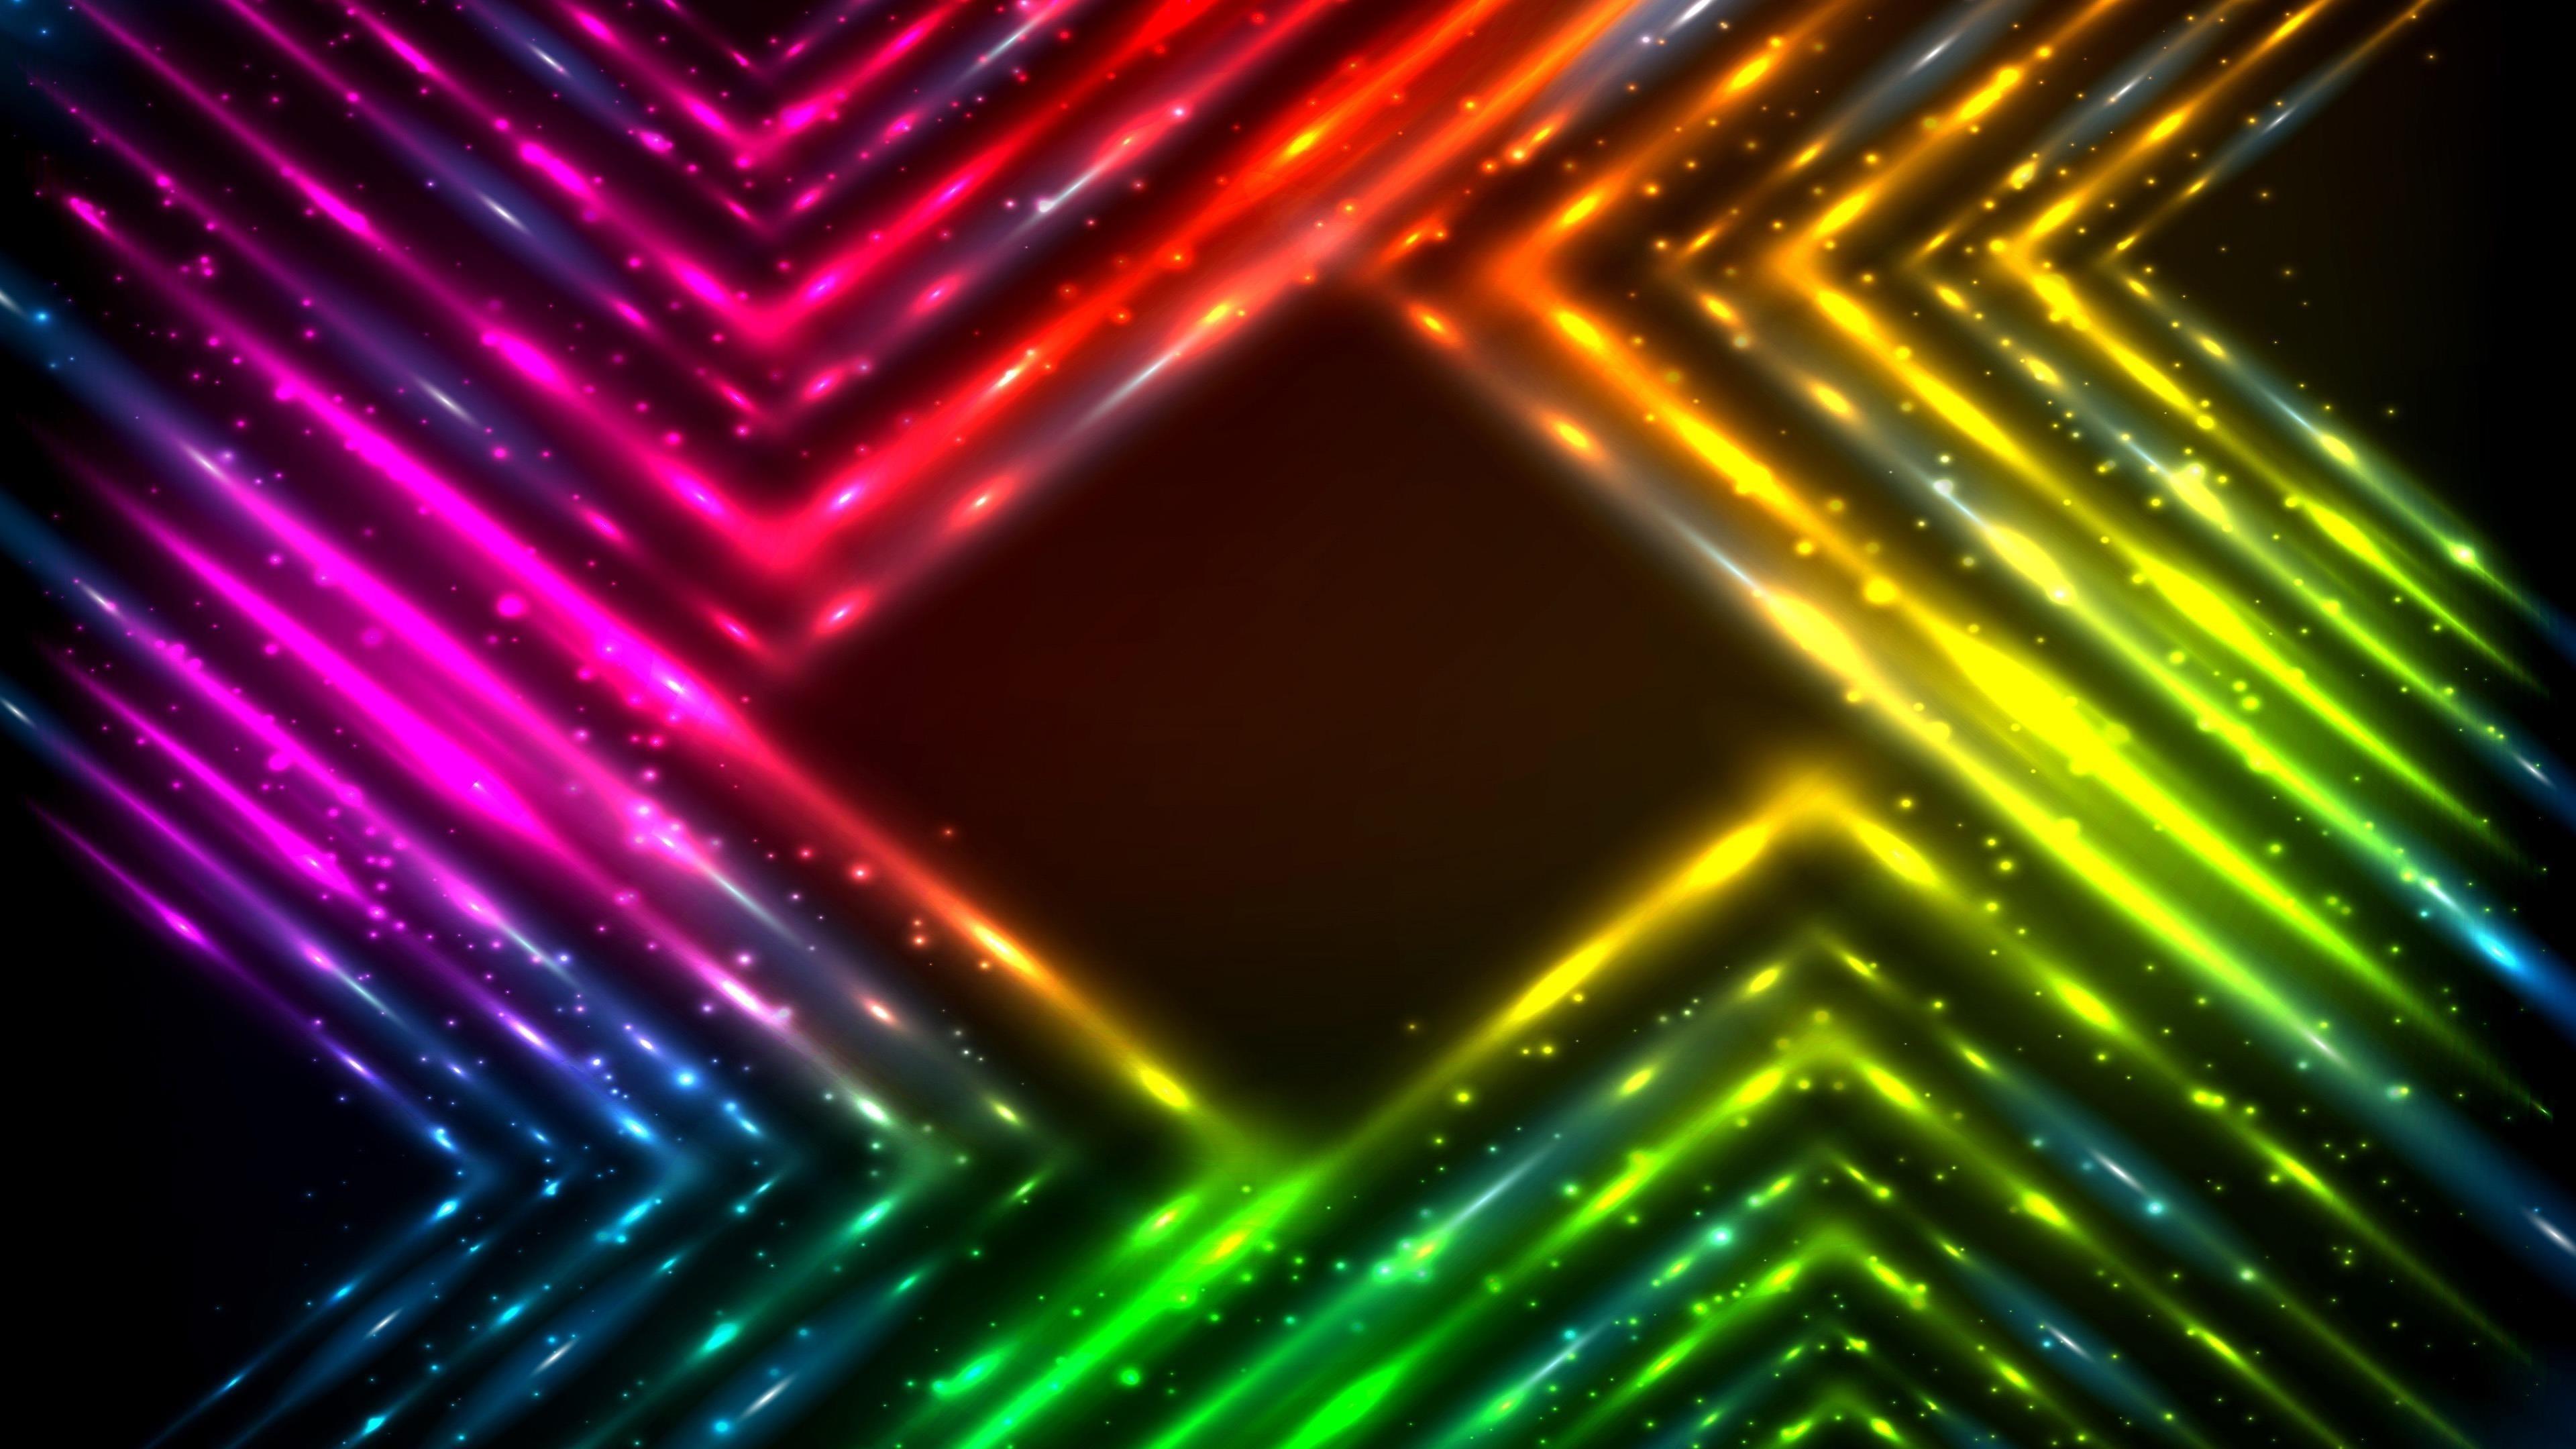 Красочные неоновые огни в рамке абстракция абстракция обои скачать